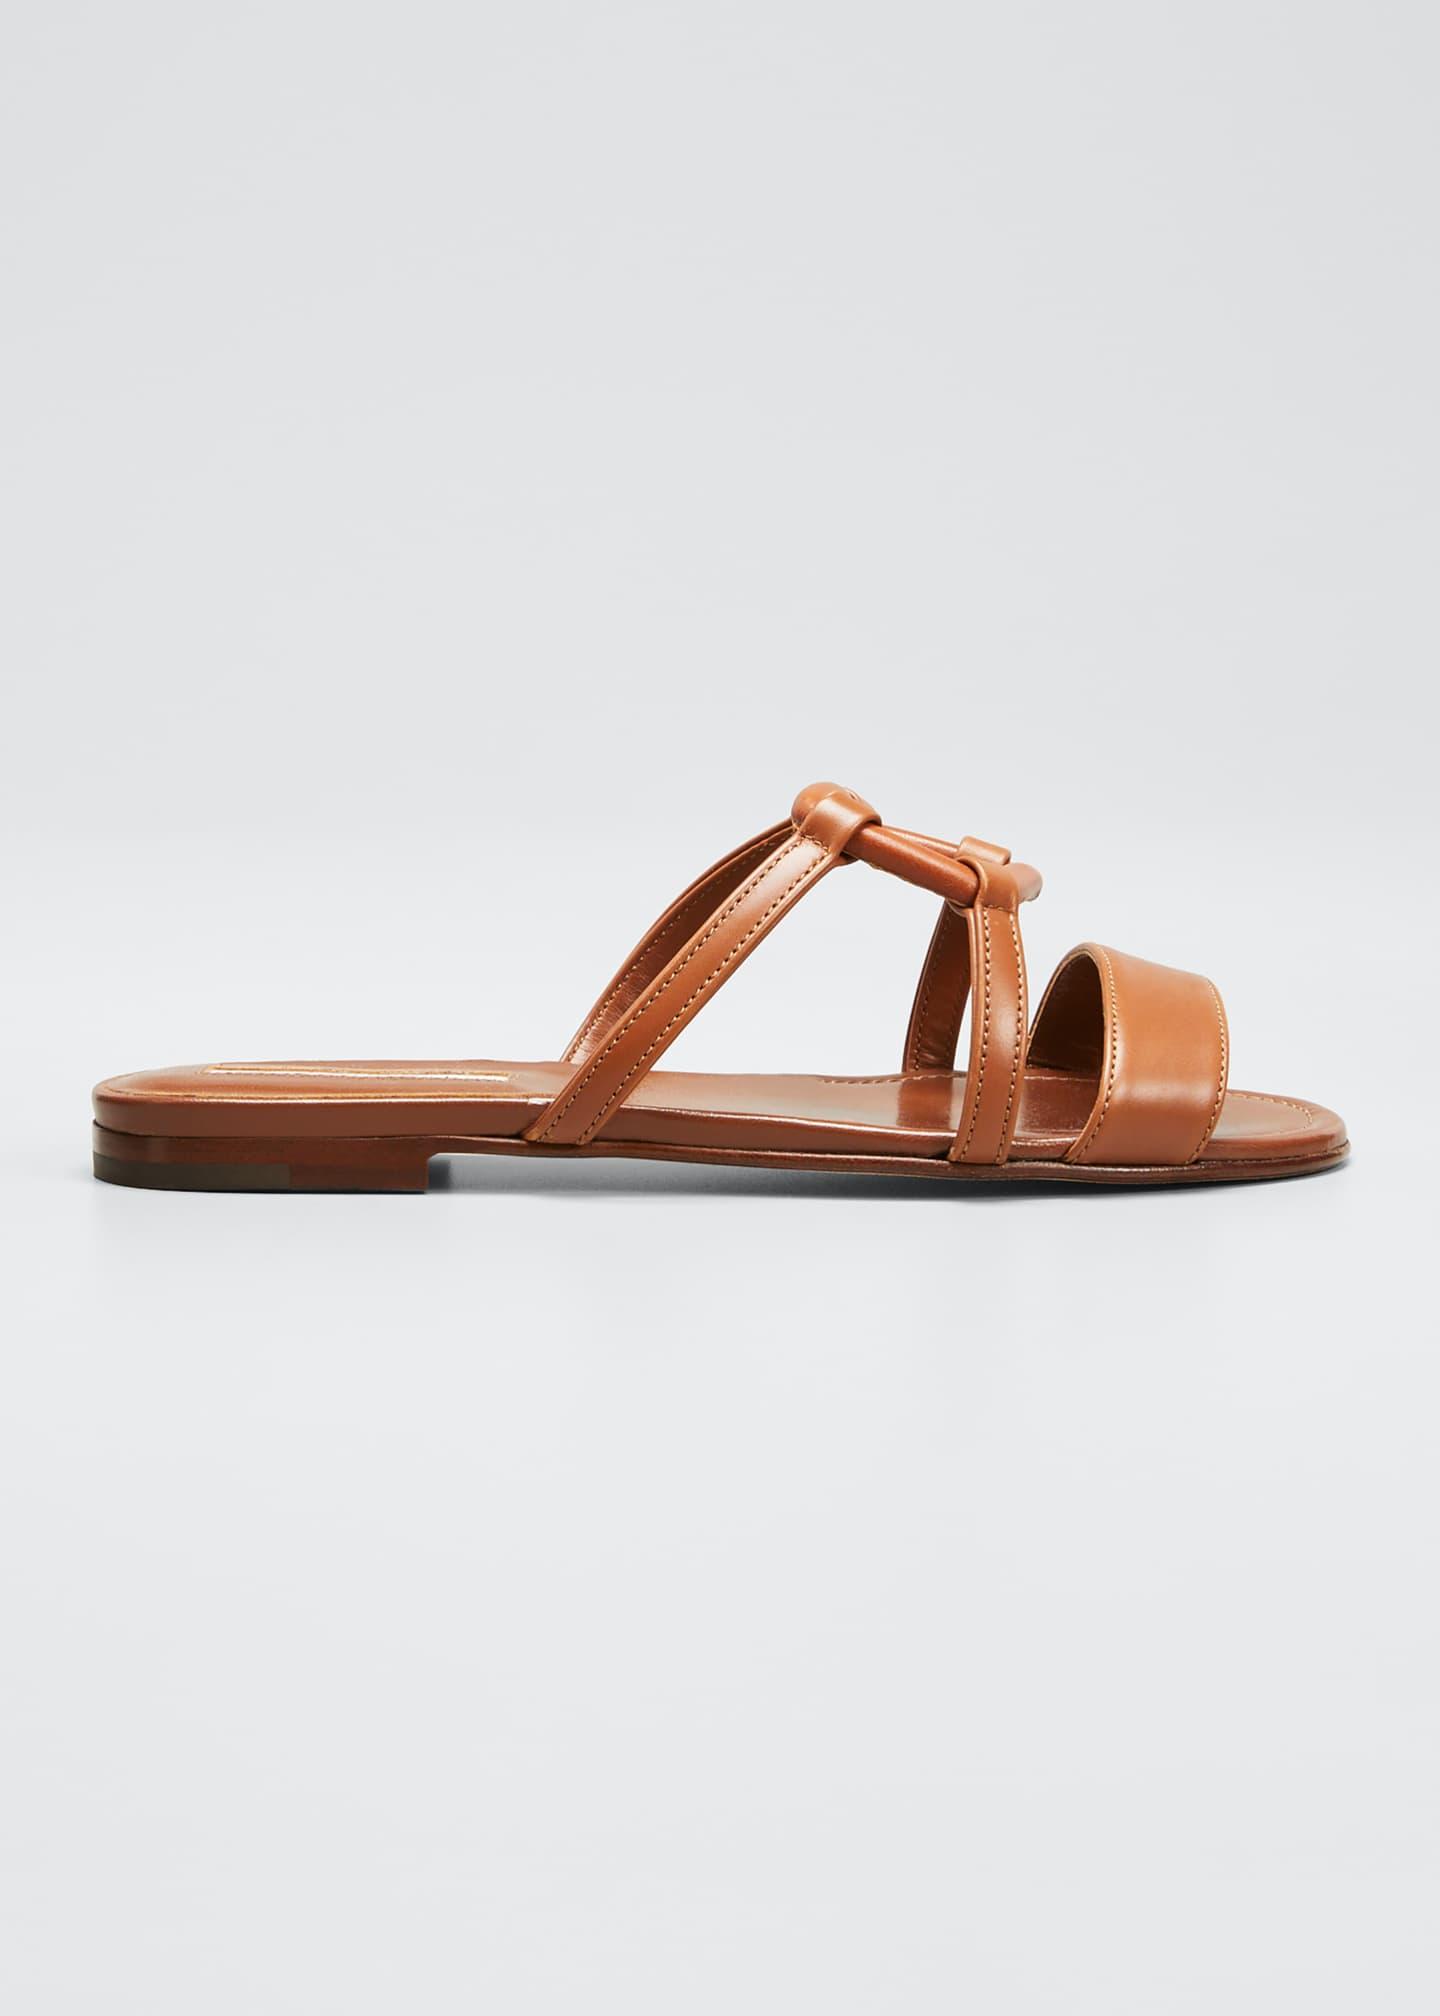 Manolo Blahnik Oratasa Flat Leather Slide Sandals